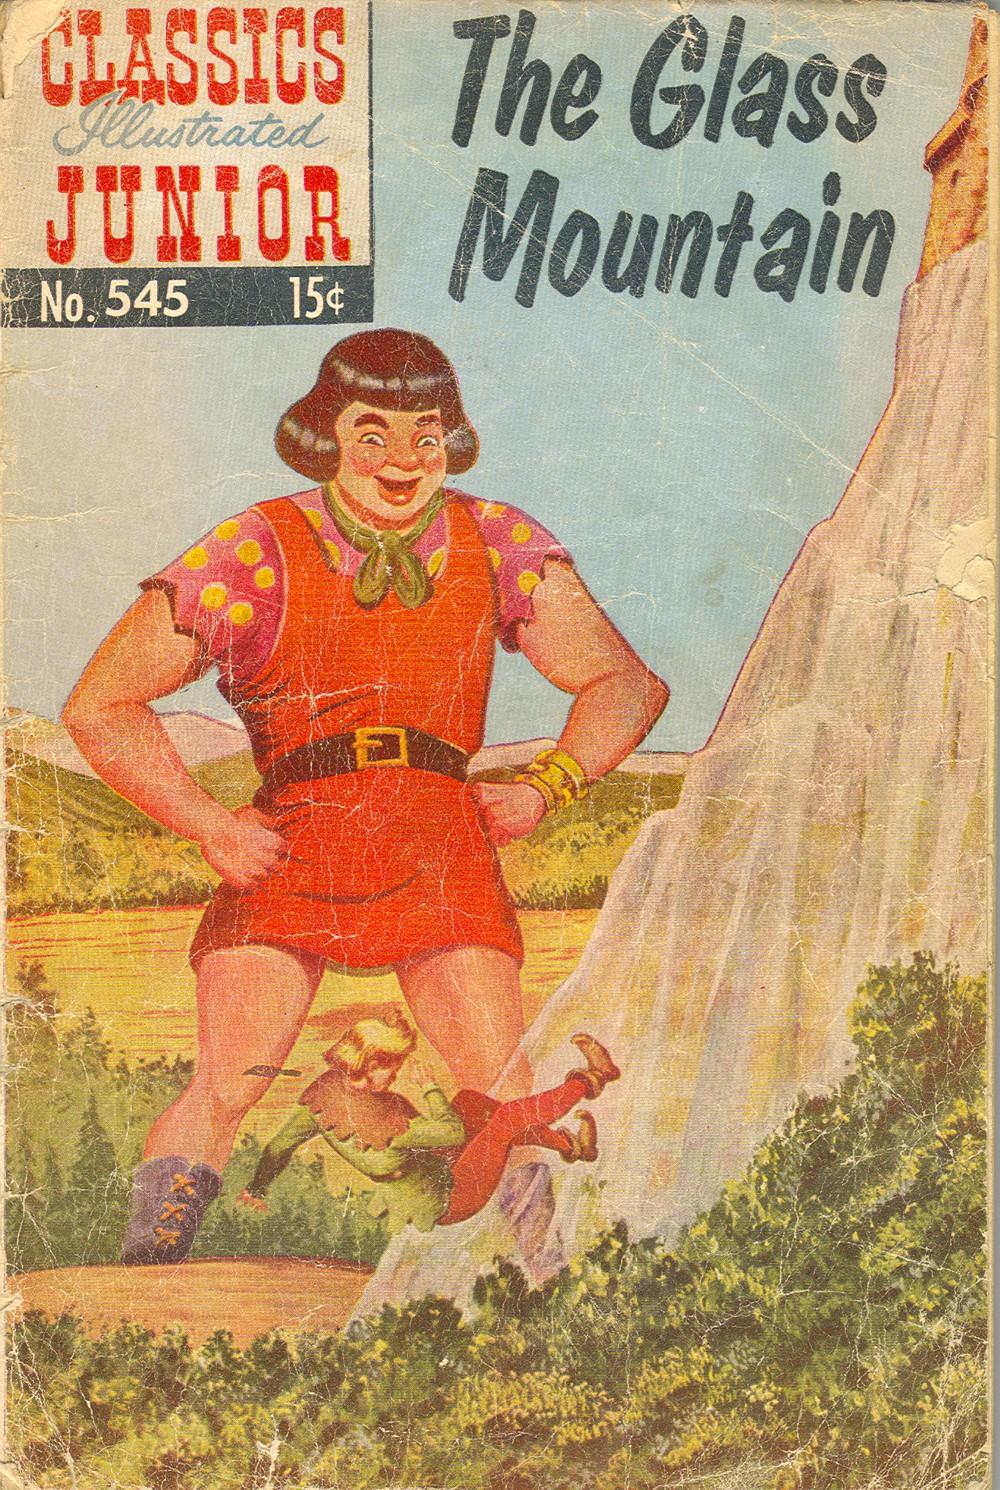 Classics Illustrated Junior 545 Page 1